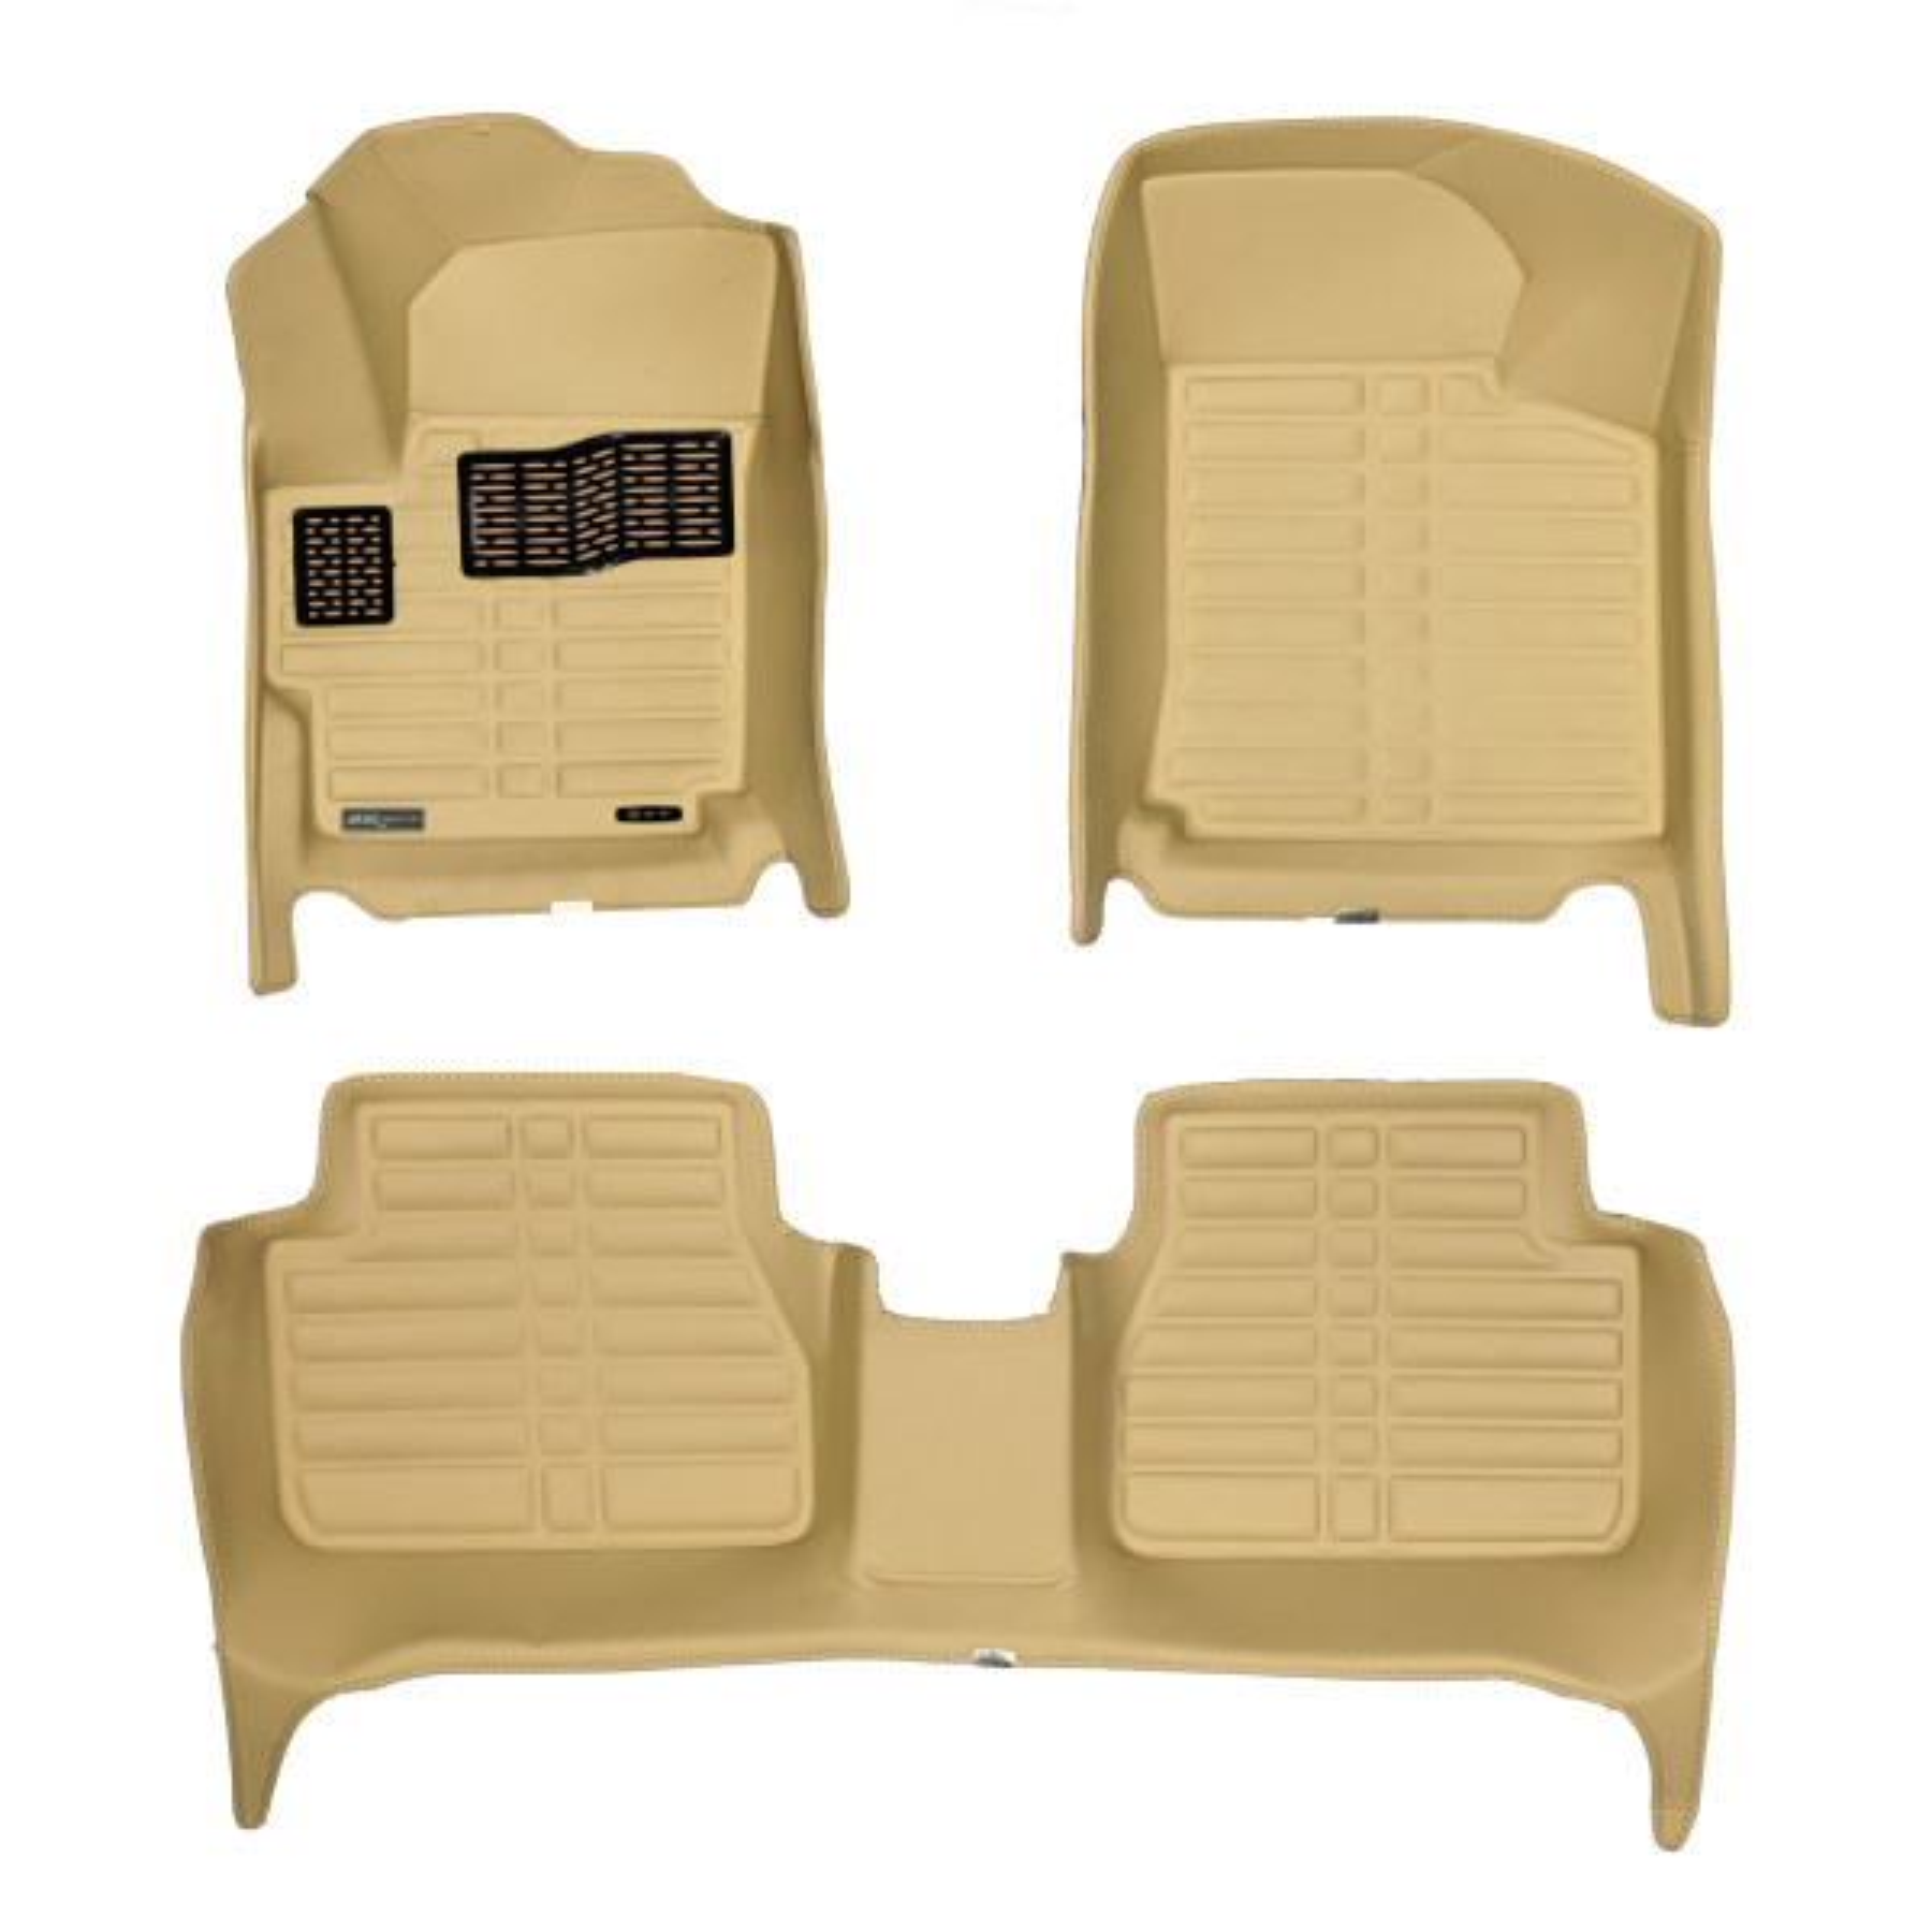 کفپوش سه بعدی خودرو تری دی مکس اچ اف کی مدل HS1101589 مناسب برای برلیانس H330